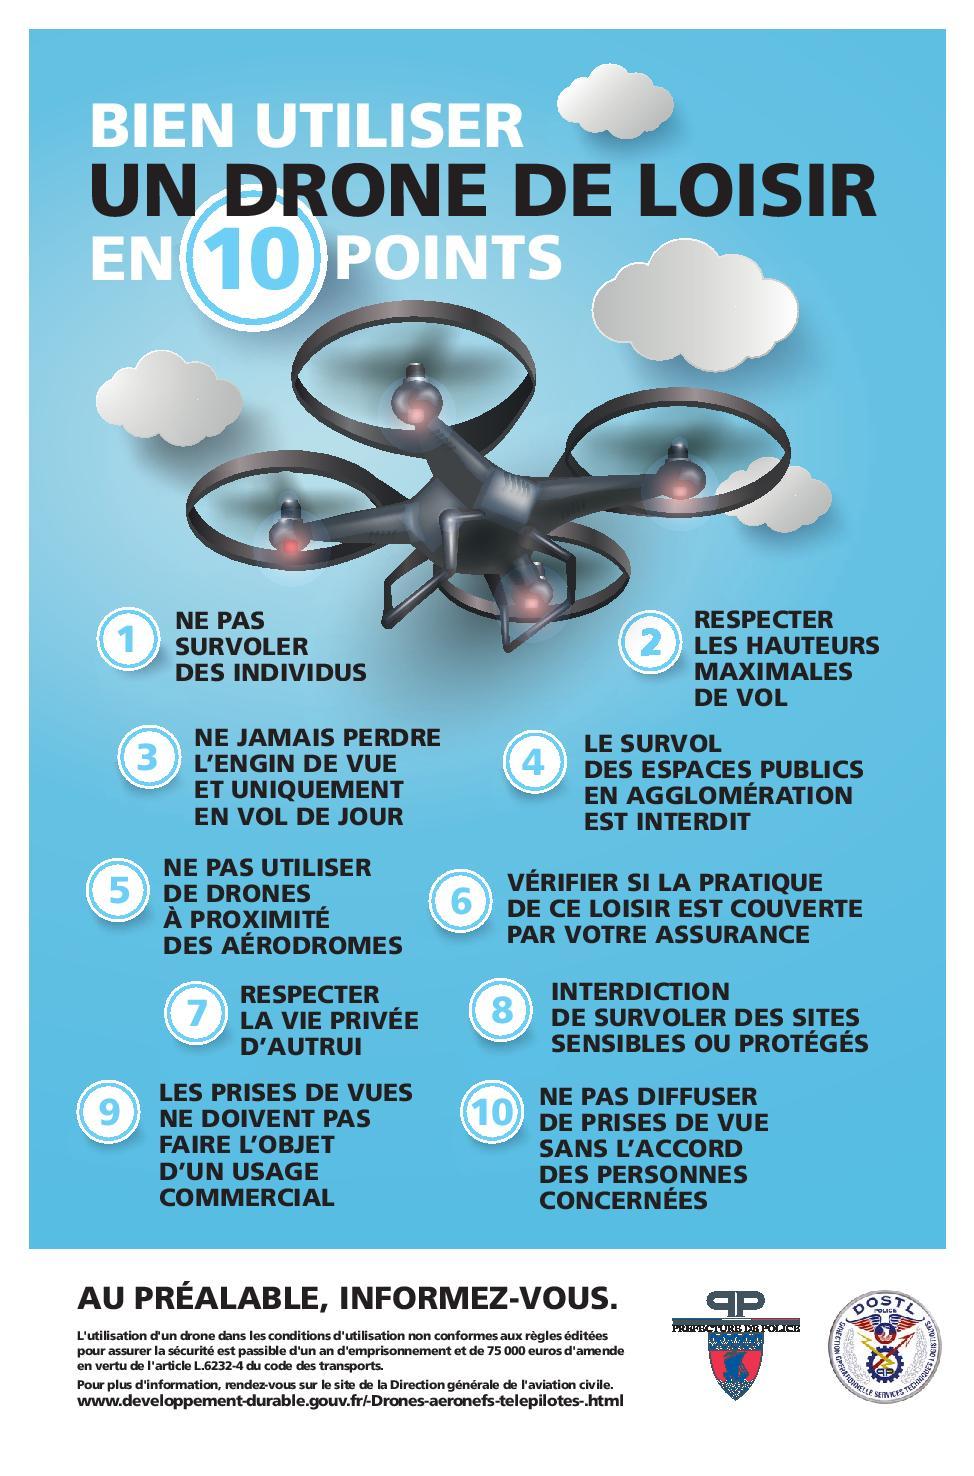 Infographie, Bien utiliser un drone de loisir en 10 points